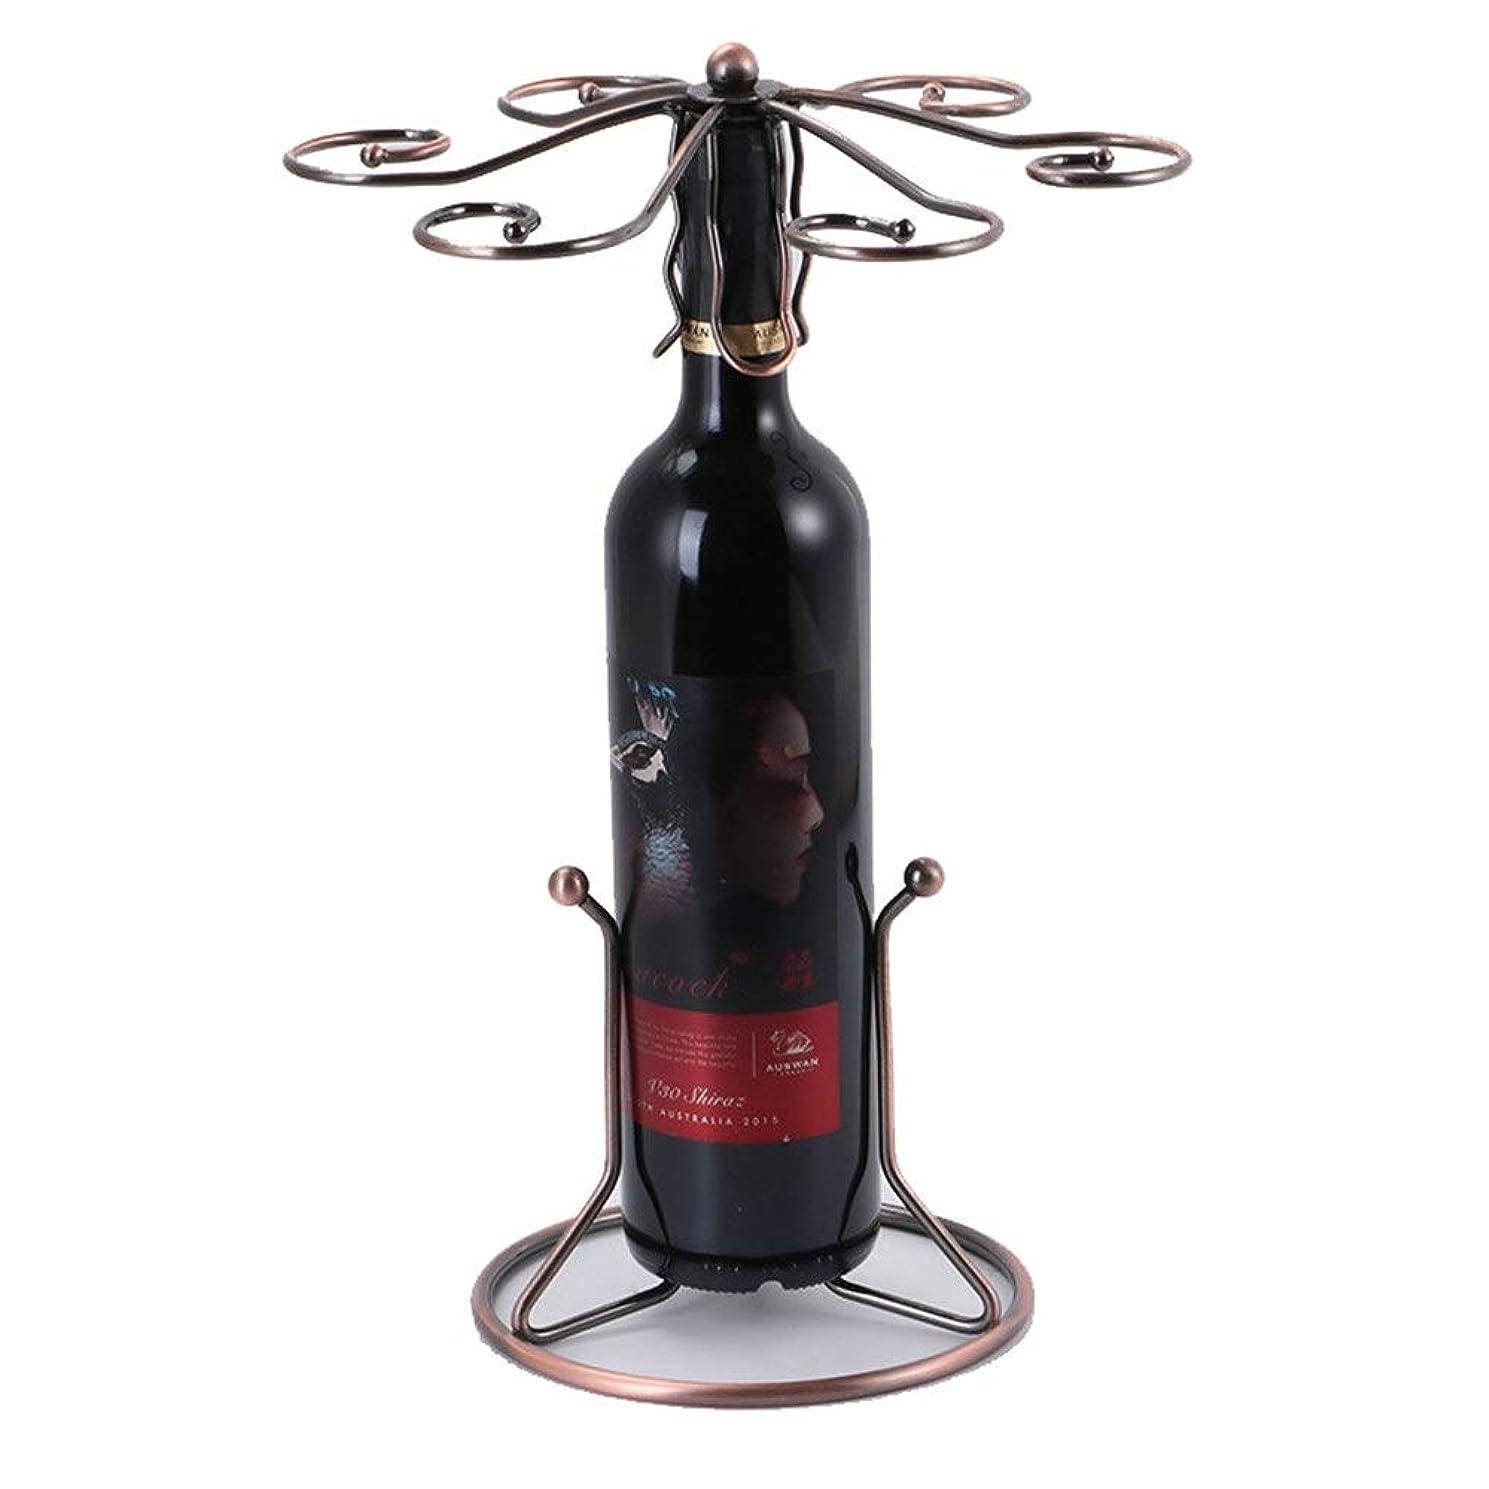 悲劇閉じる九月ゴブレットホルダー メタルワインボトルワインラック6フック自立デスクトップゴブレットラックハンガー ファミリーレストランバーパーティーで使用できます (色 : ブロンズ, サイズ : ワンサイズ)